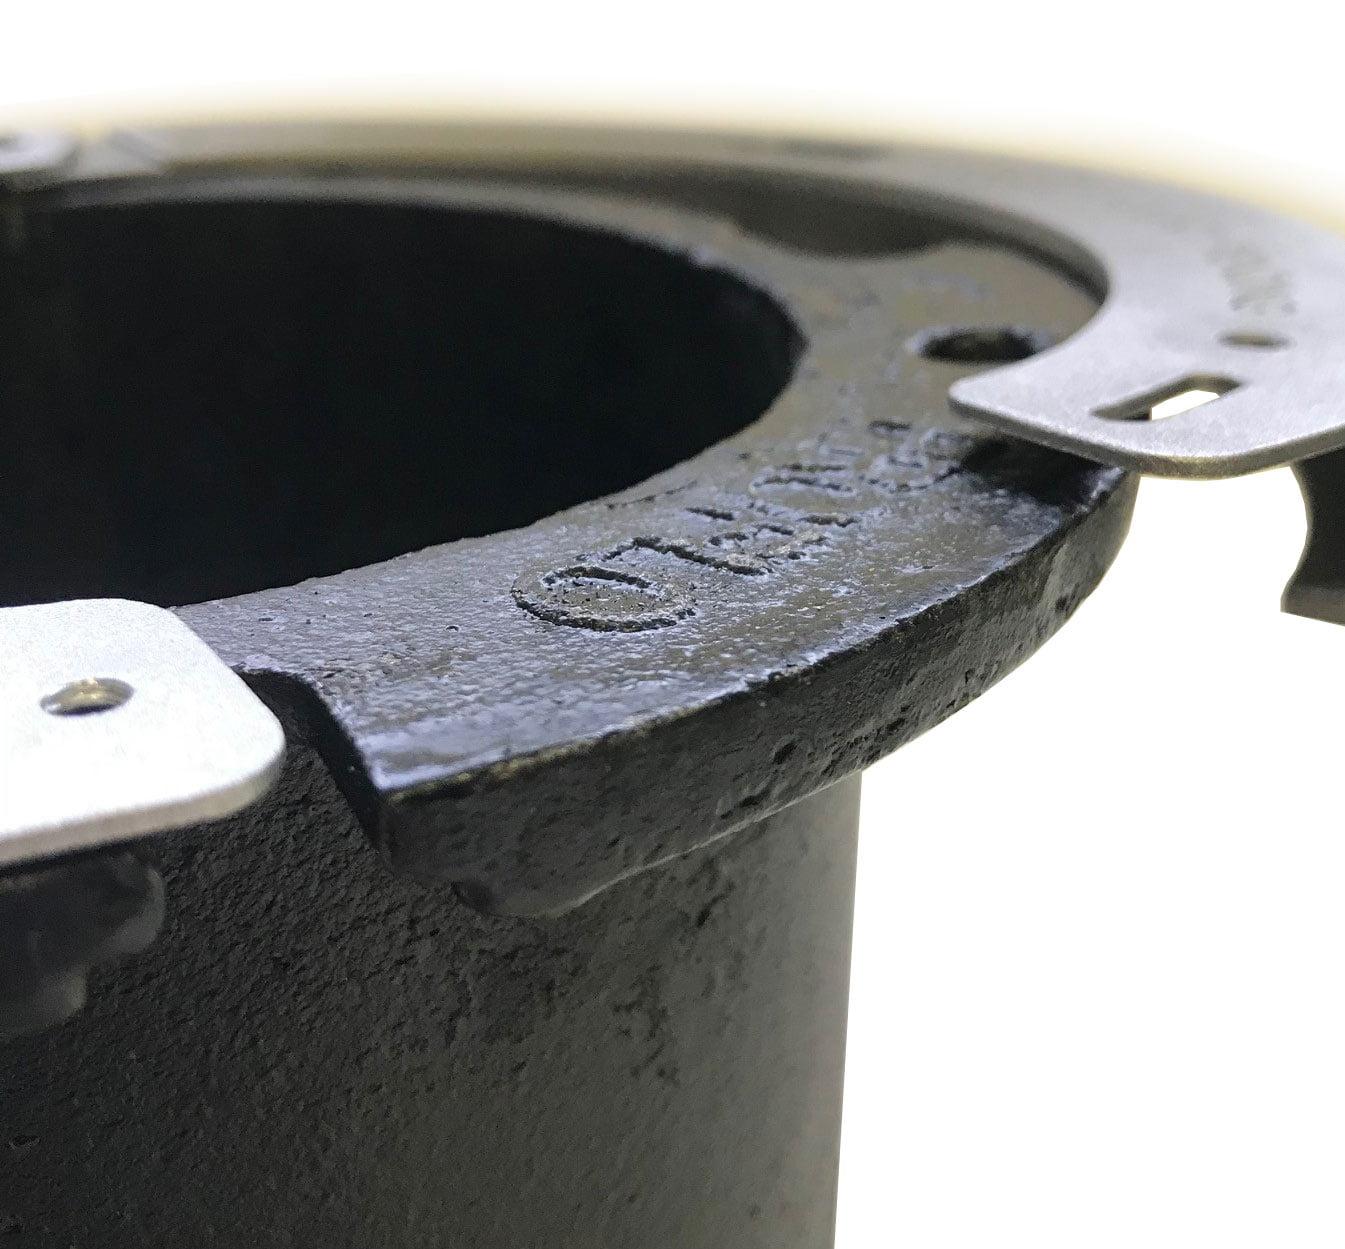 Universal Toilet Flange Repair Kit